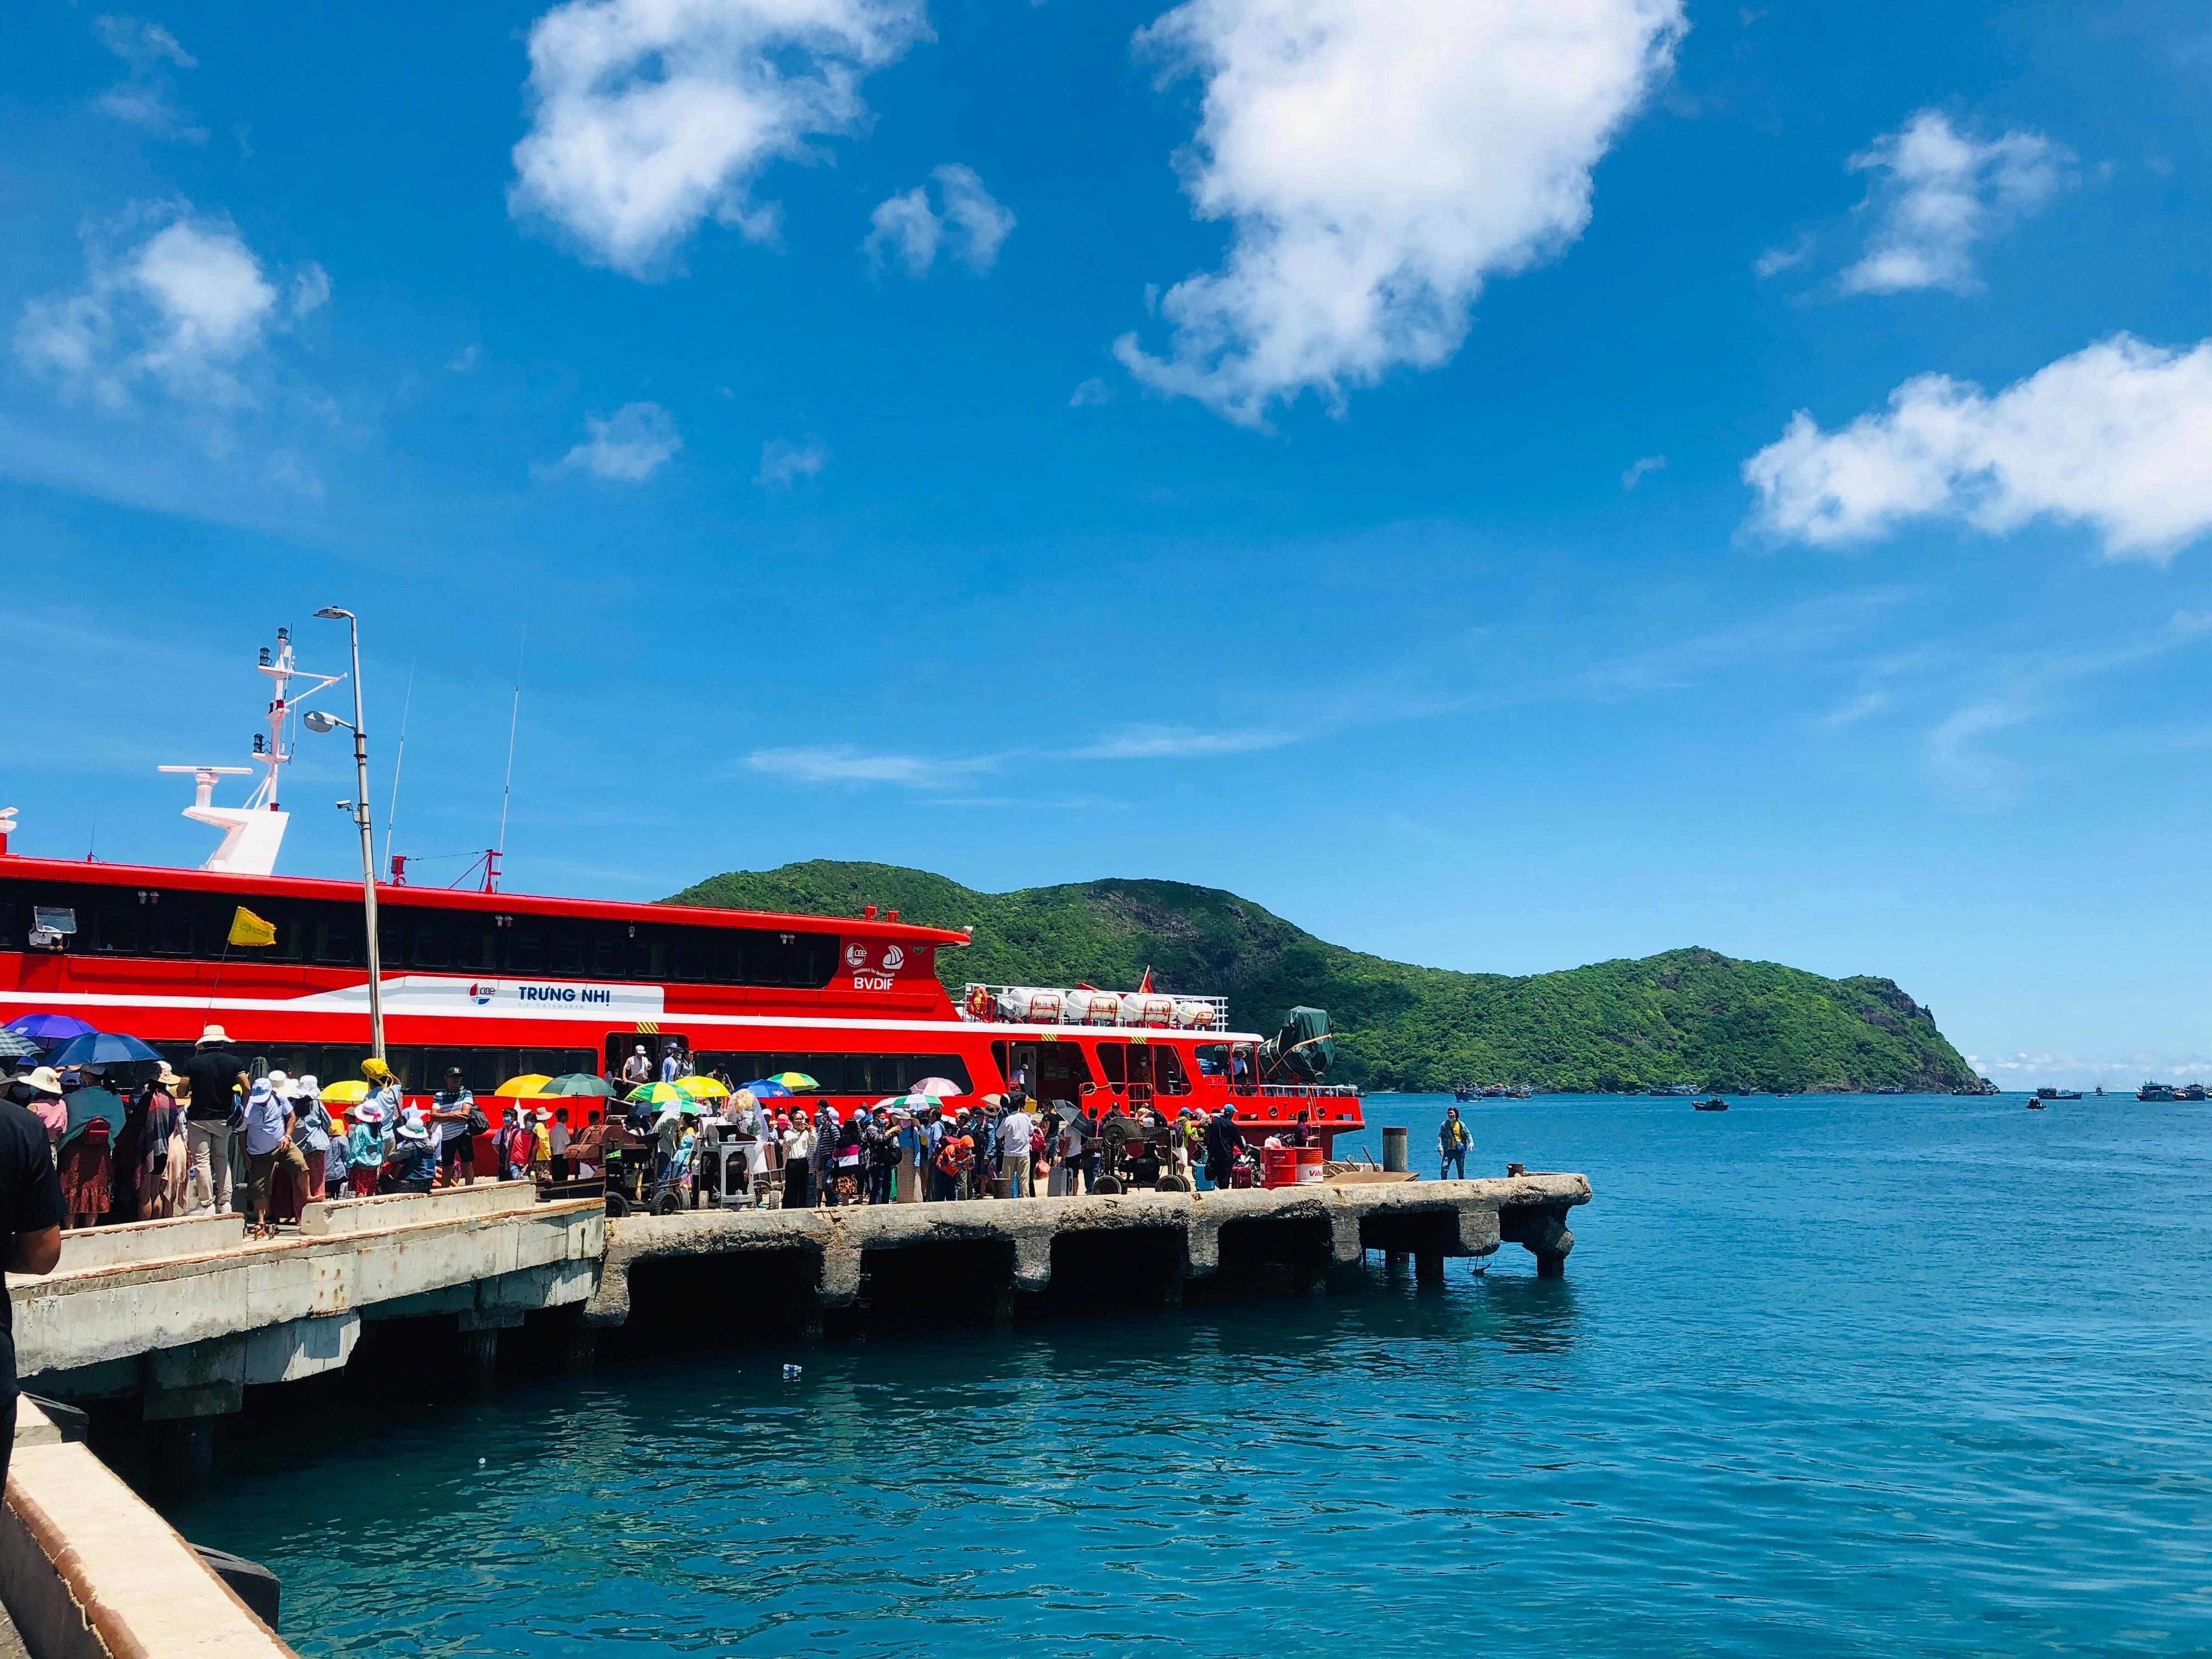 Điểm danh 15 địa điểm siêu đẹp ở Côn Đảo lên hình cực ảo - 3